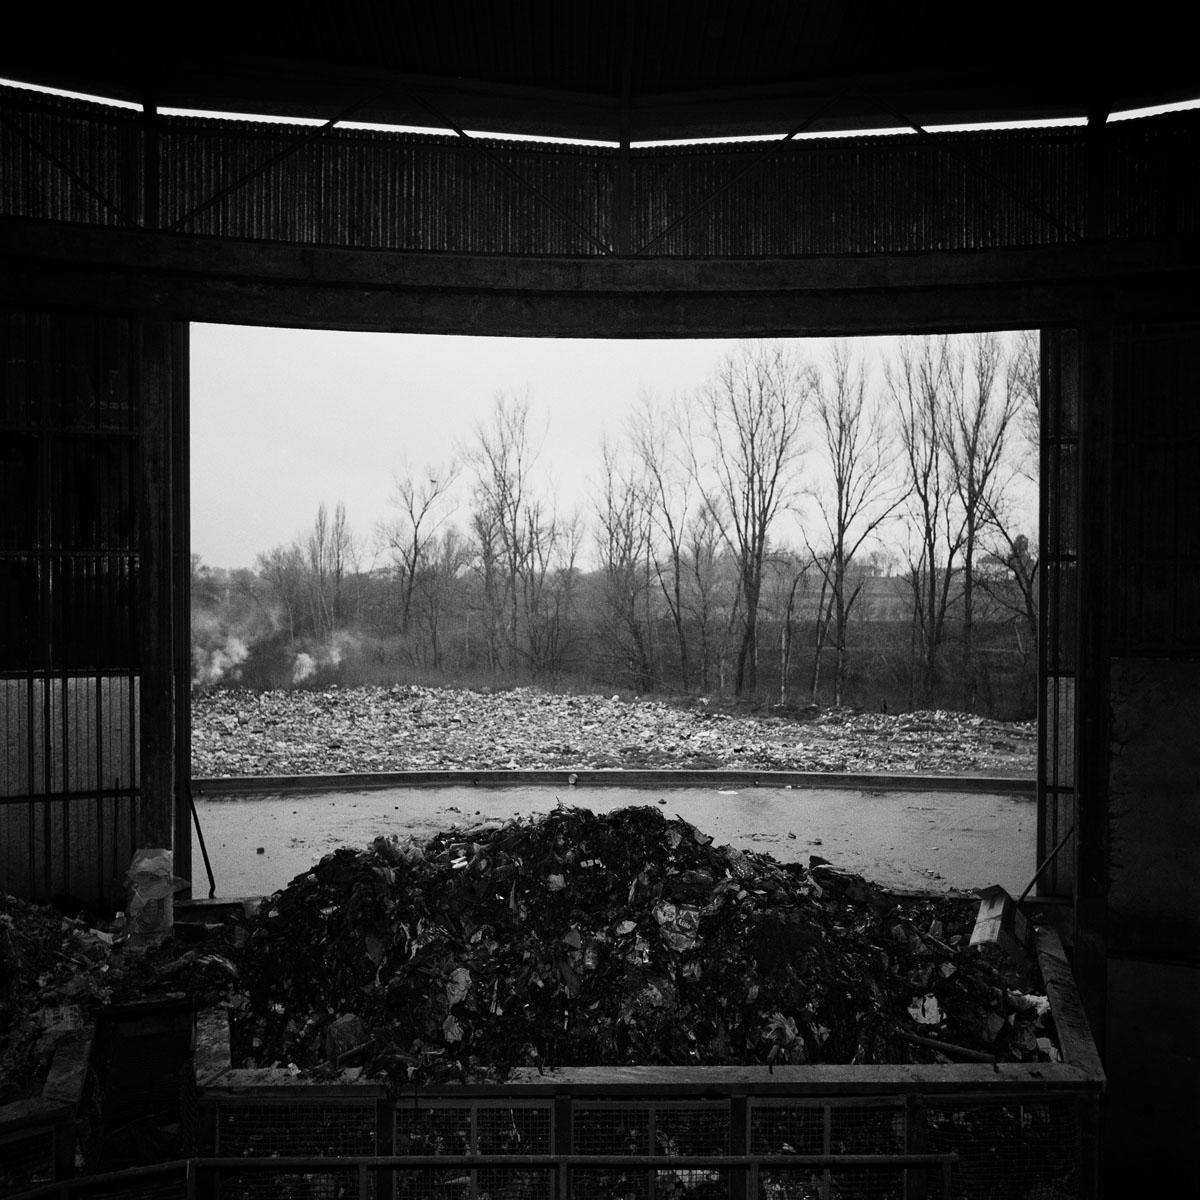 La photographie est la vue d'un centre de traitement de déchets.